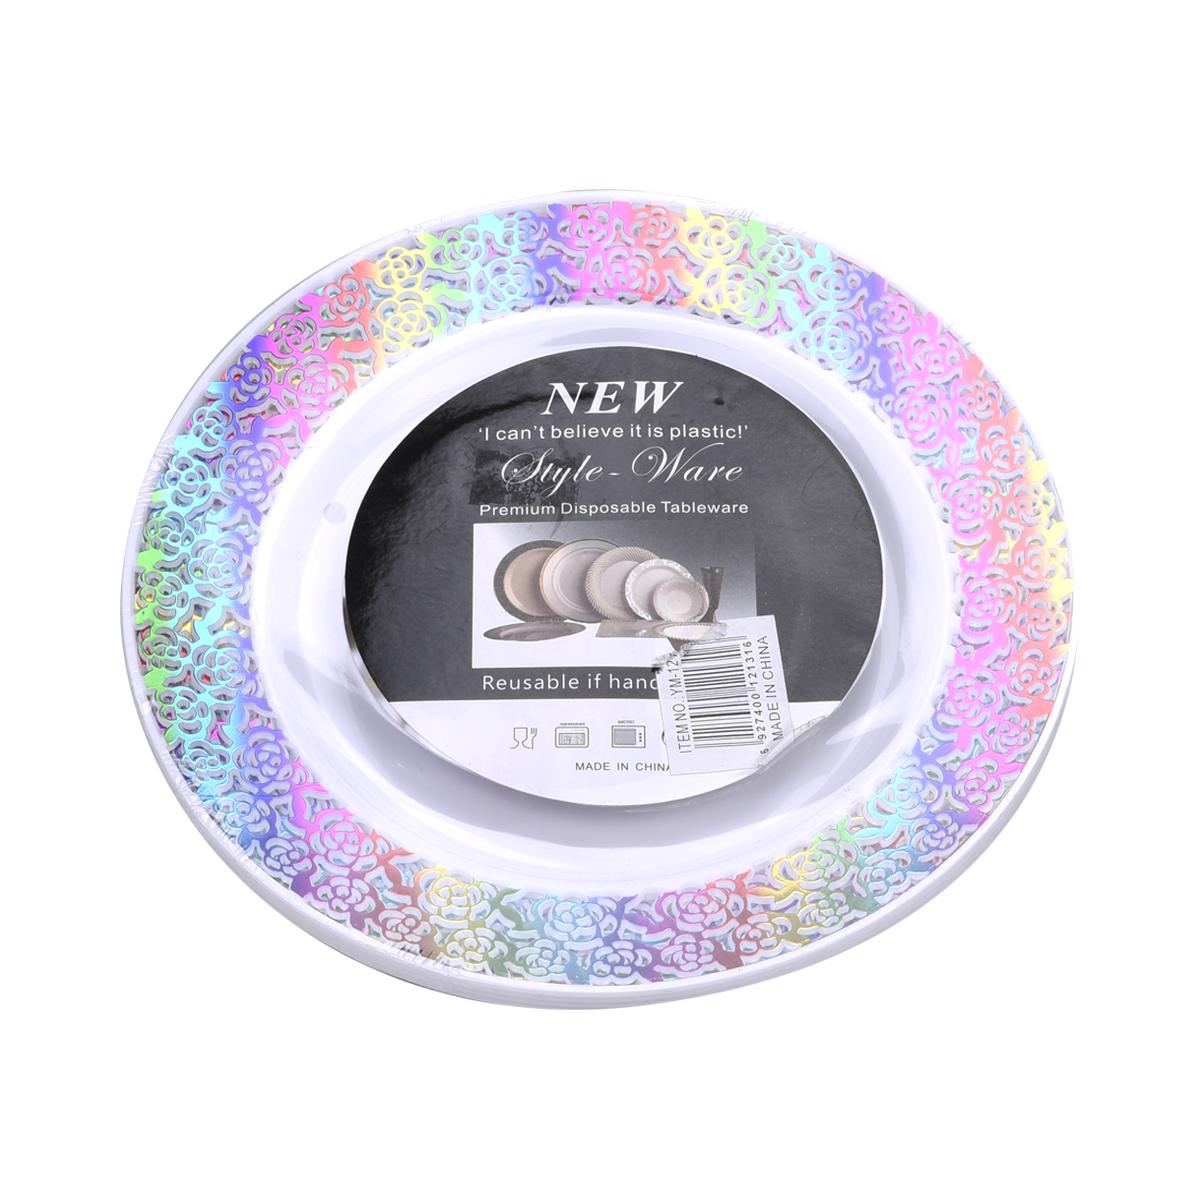 صحون بلاستيك دائرية ابيض بحواف مزخرفة ملونة   23 سم -   من ماي مارت